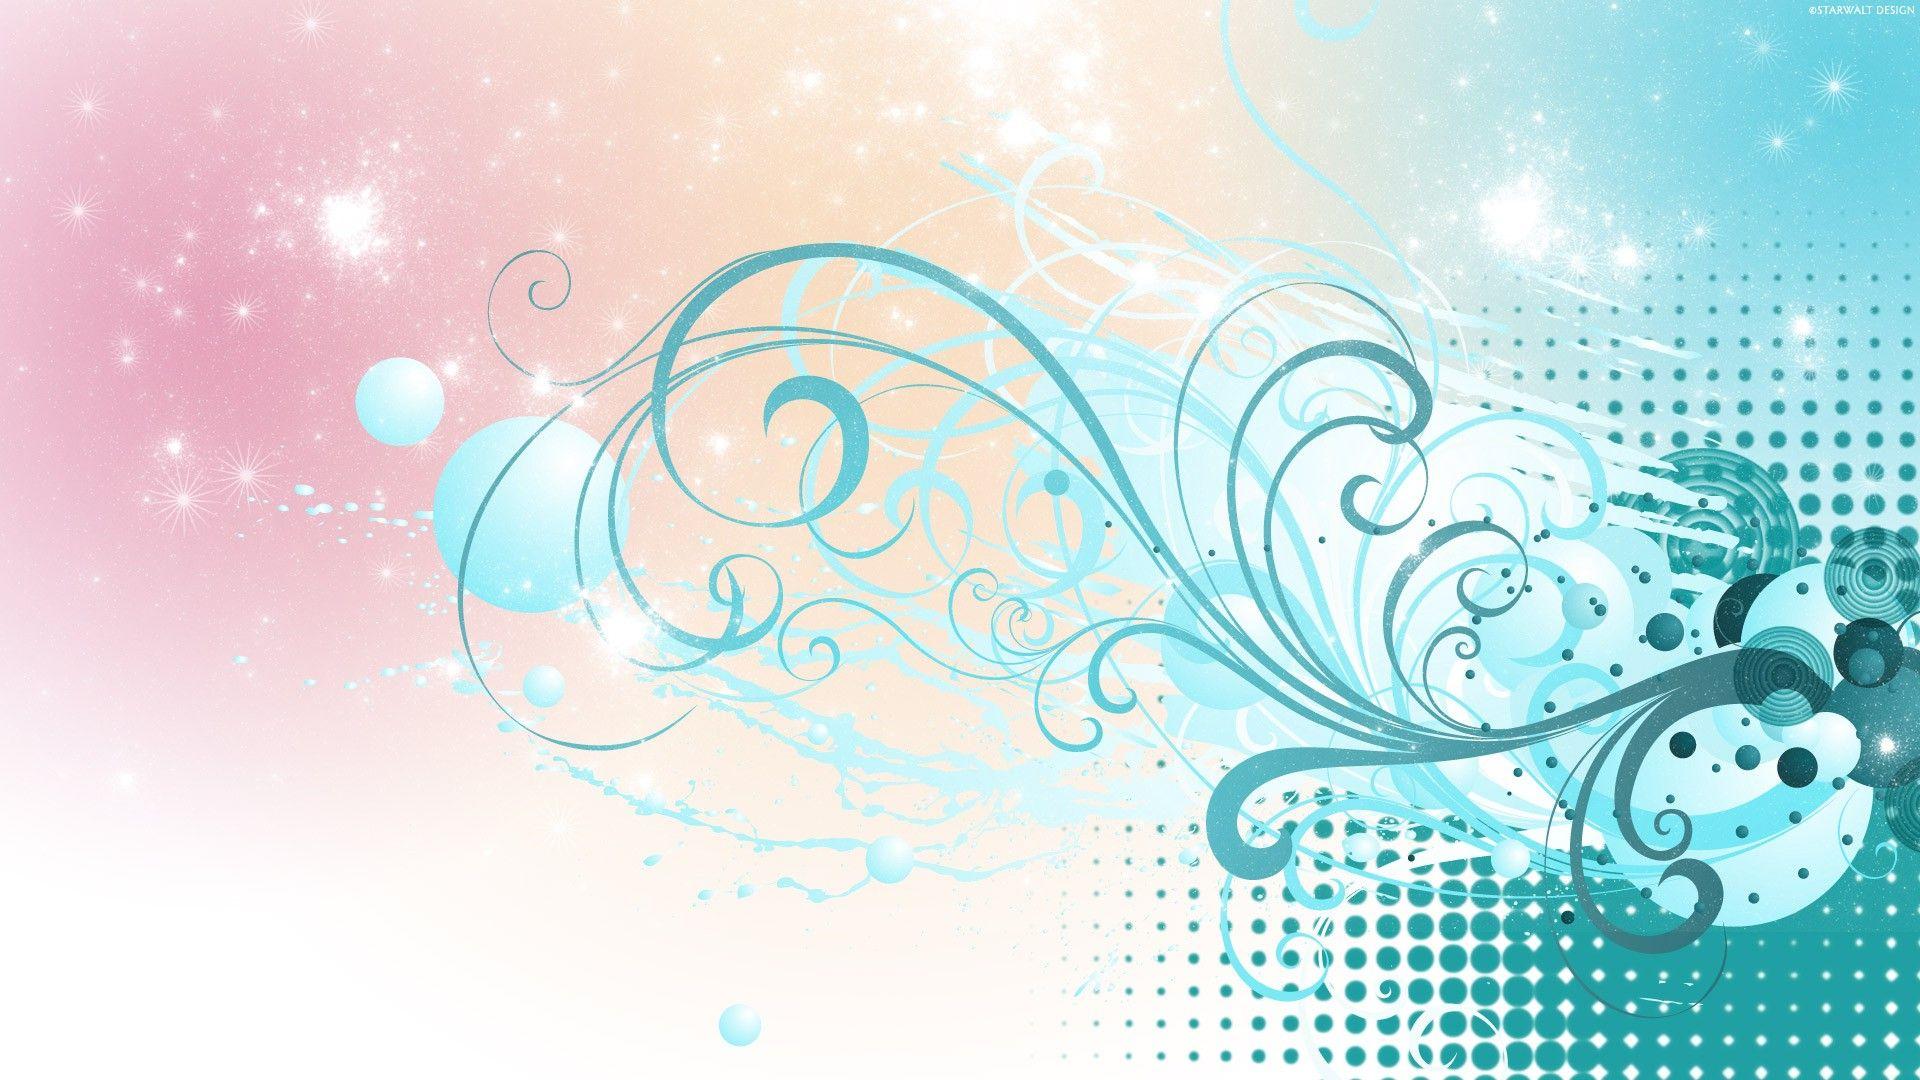 Background Designer Desktop Wallpaper